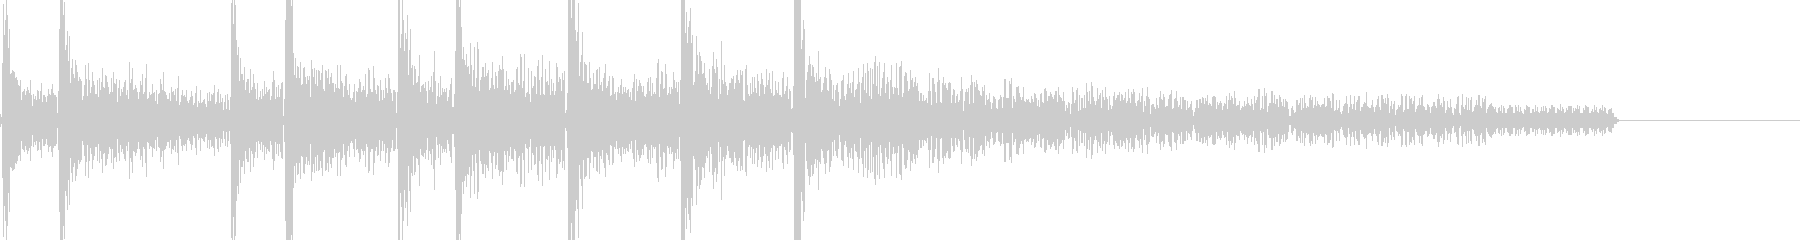 8bitアクションゲーム 死亡音の未再生の波形